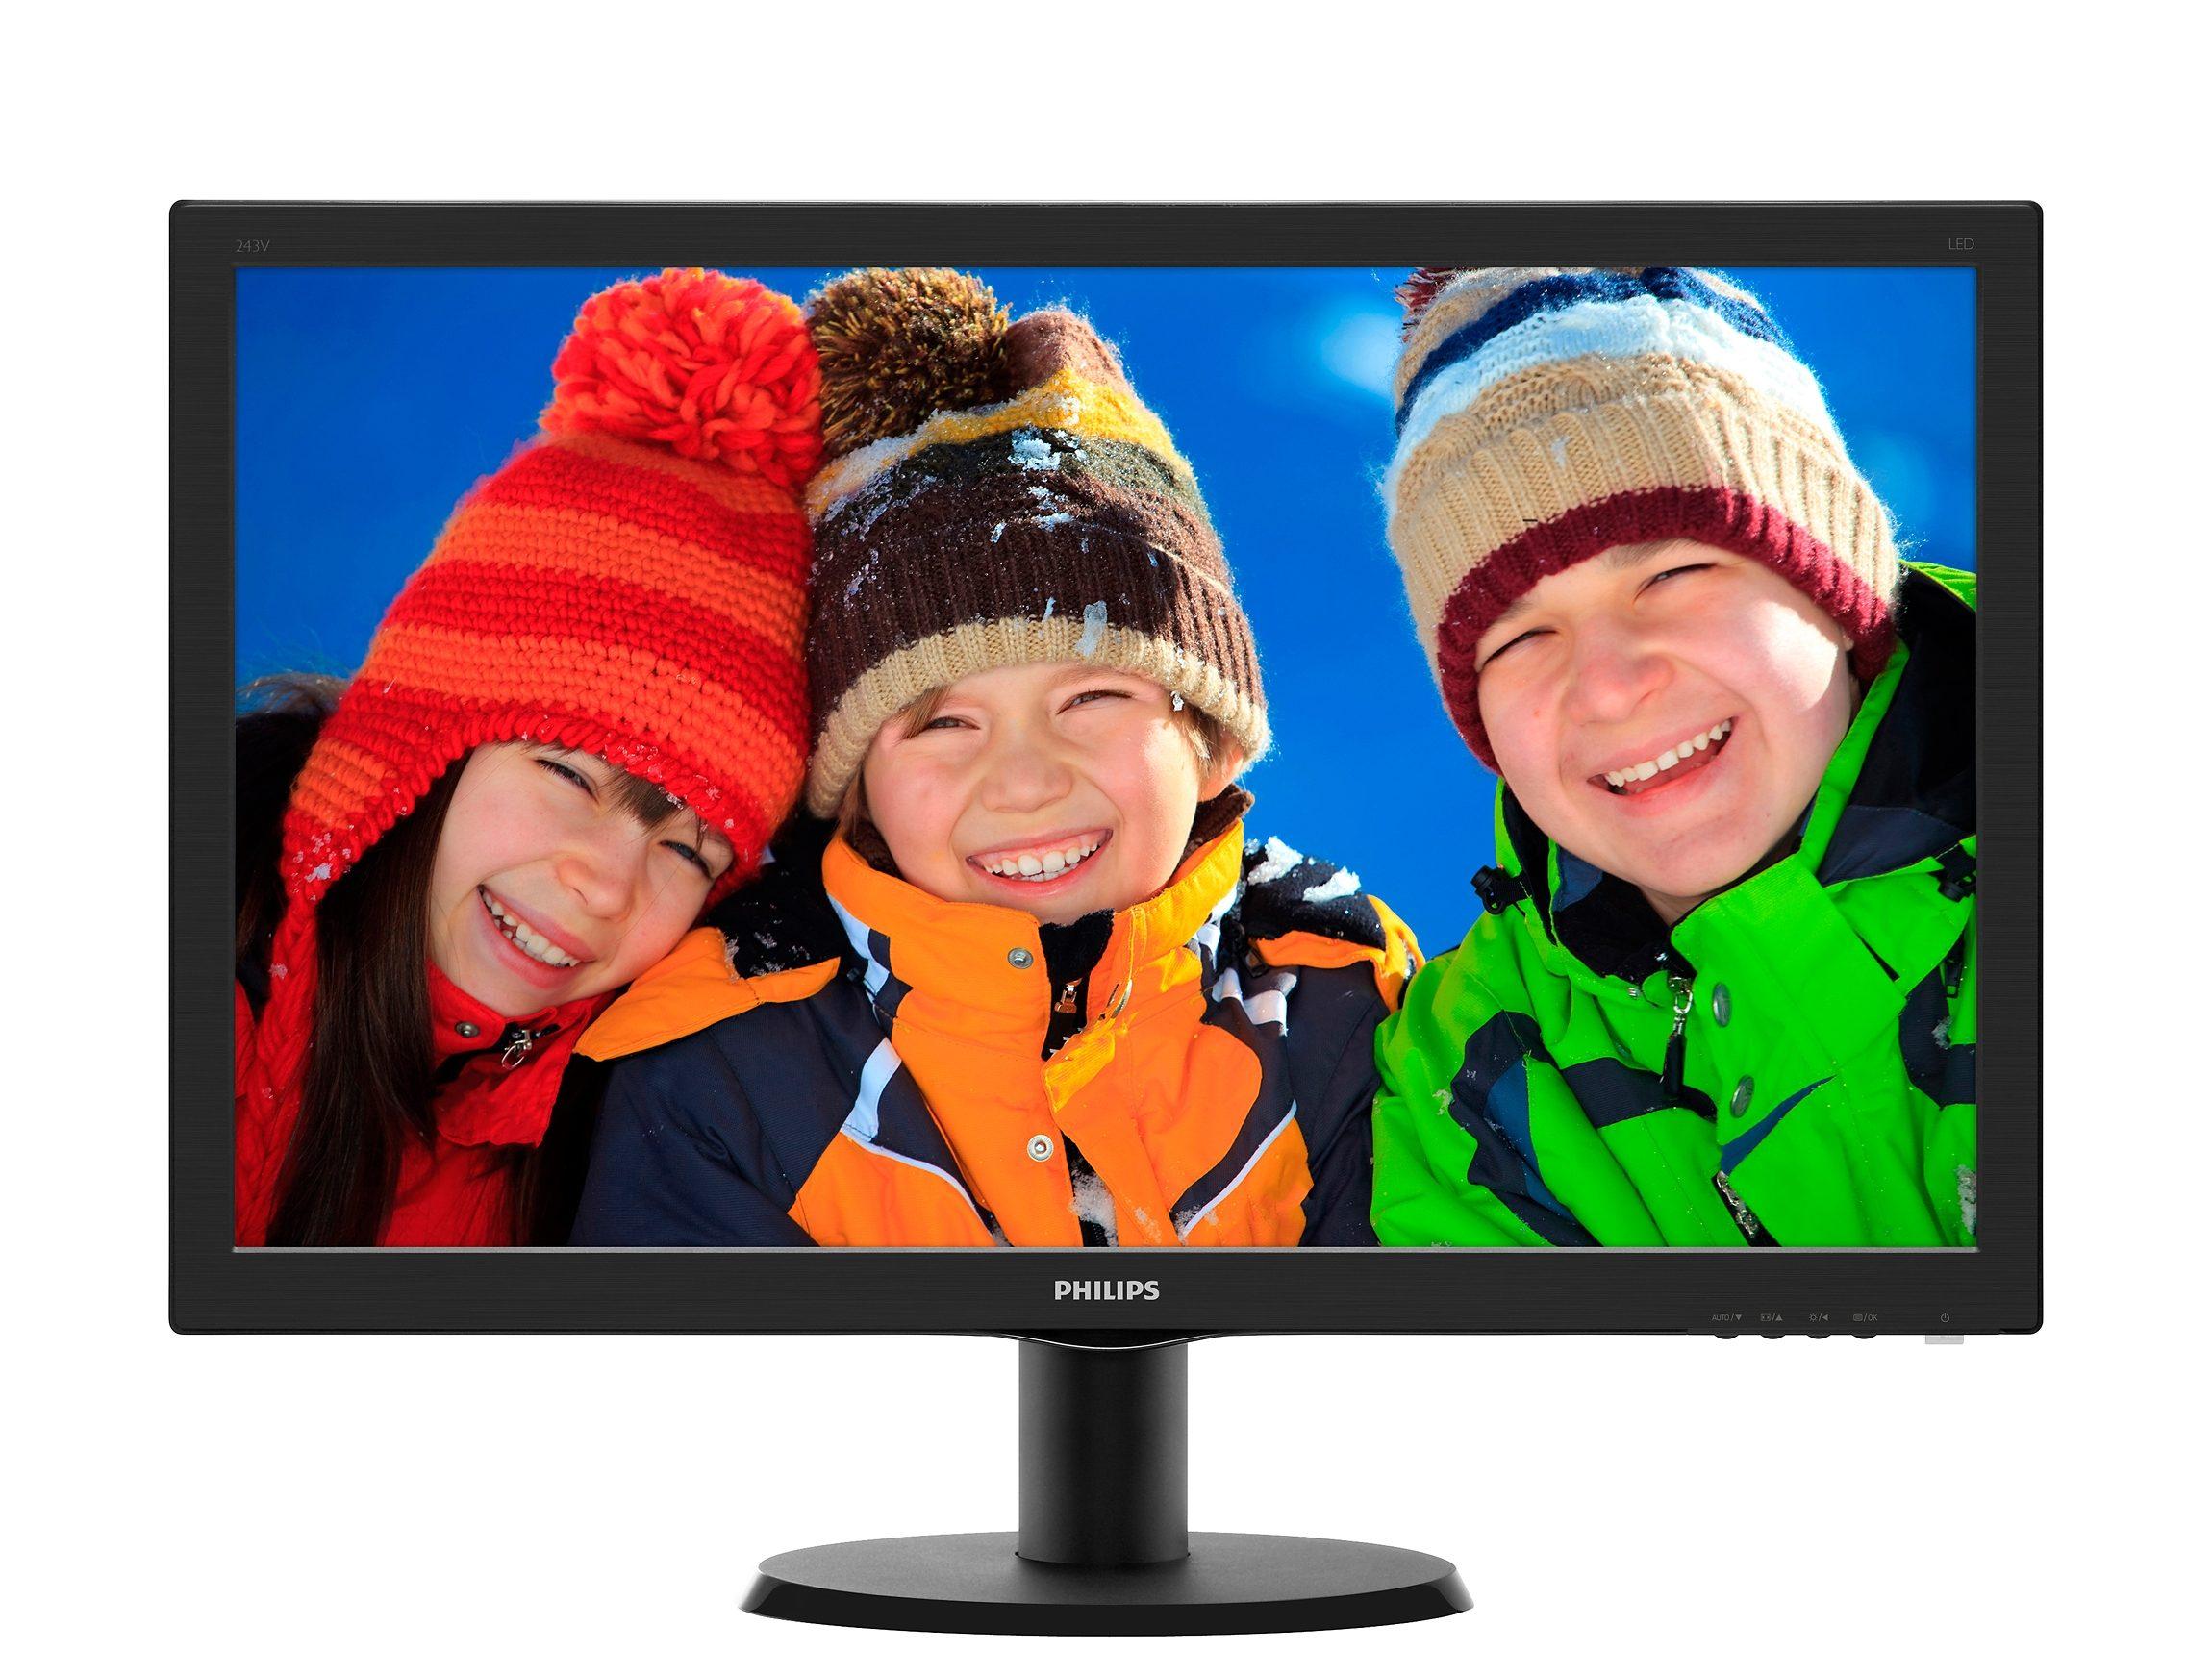 Philips Full HD Monitor, 54,6 cm (21,5 Zoll) »223V5LHSB2/00«